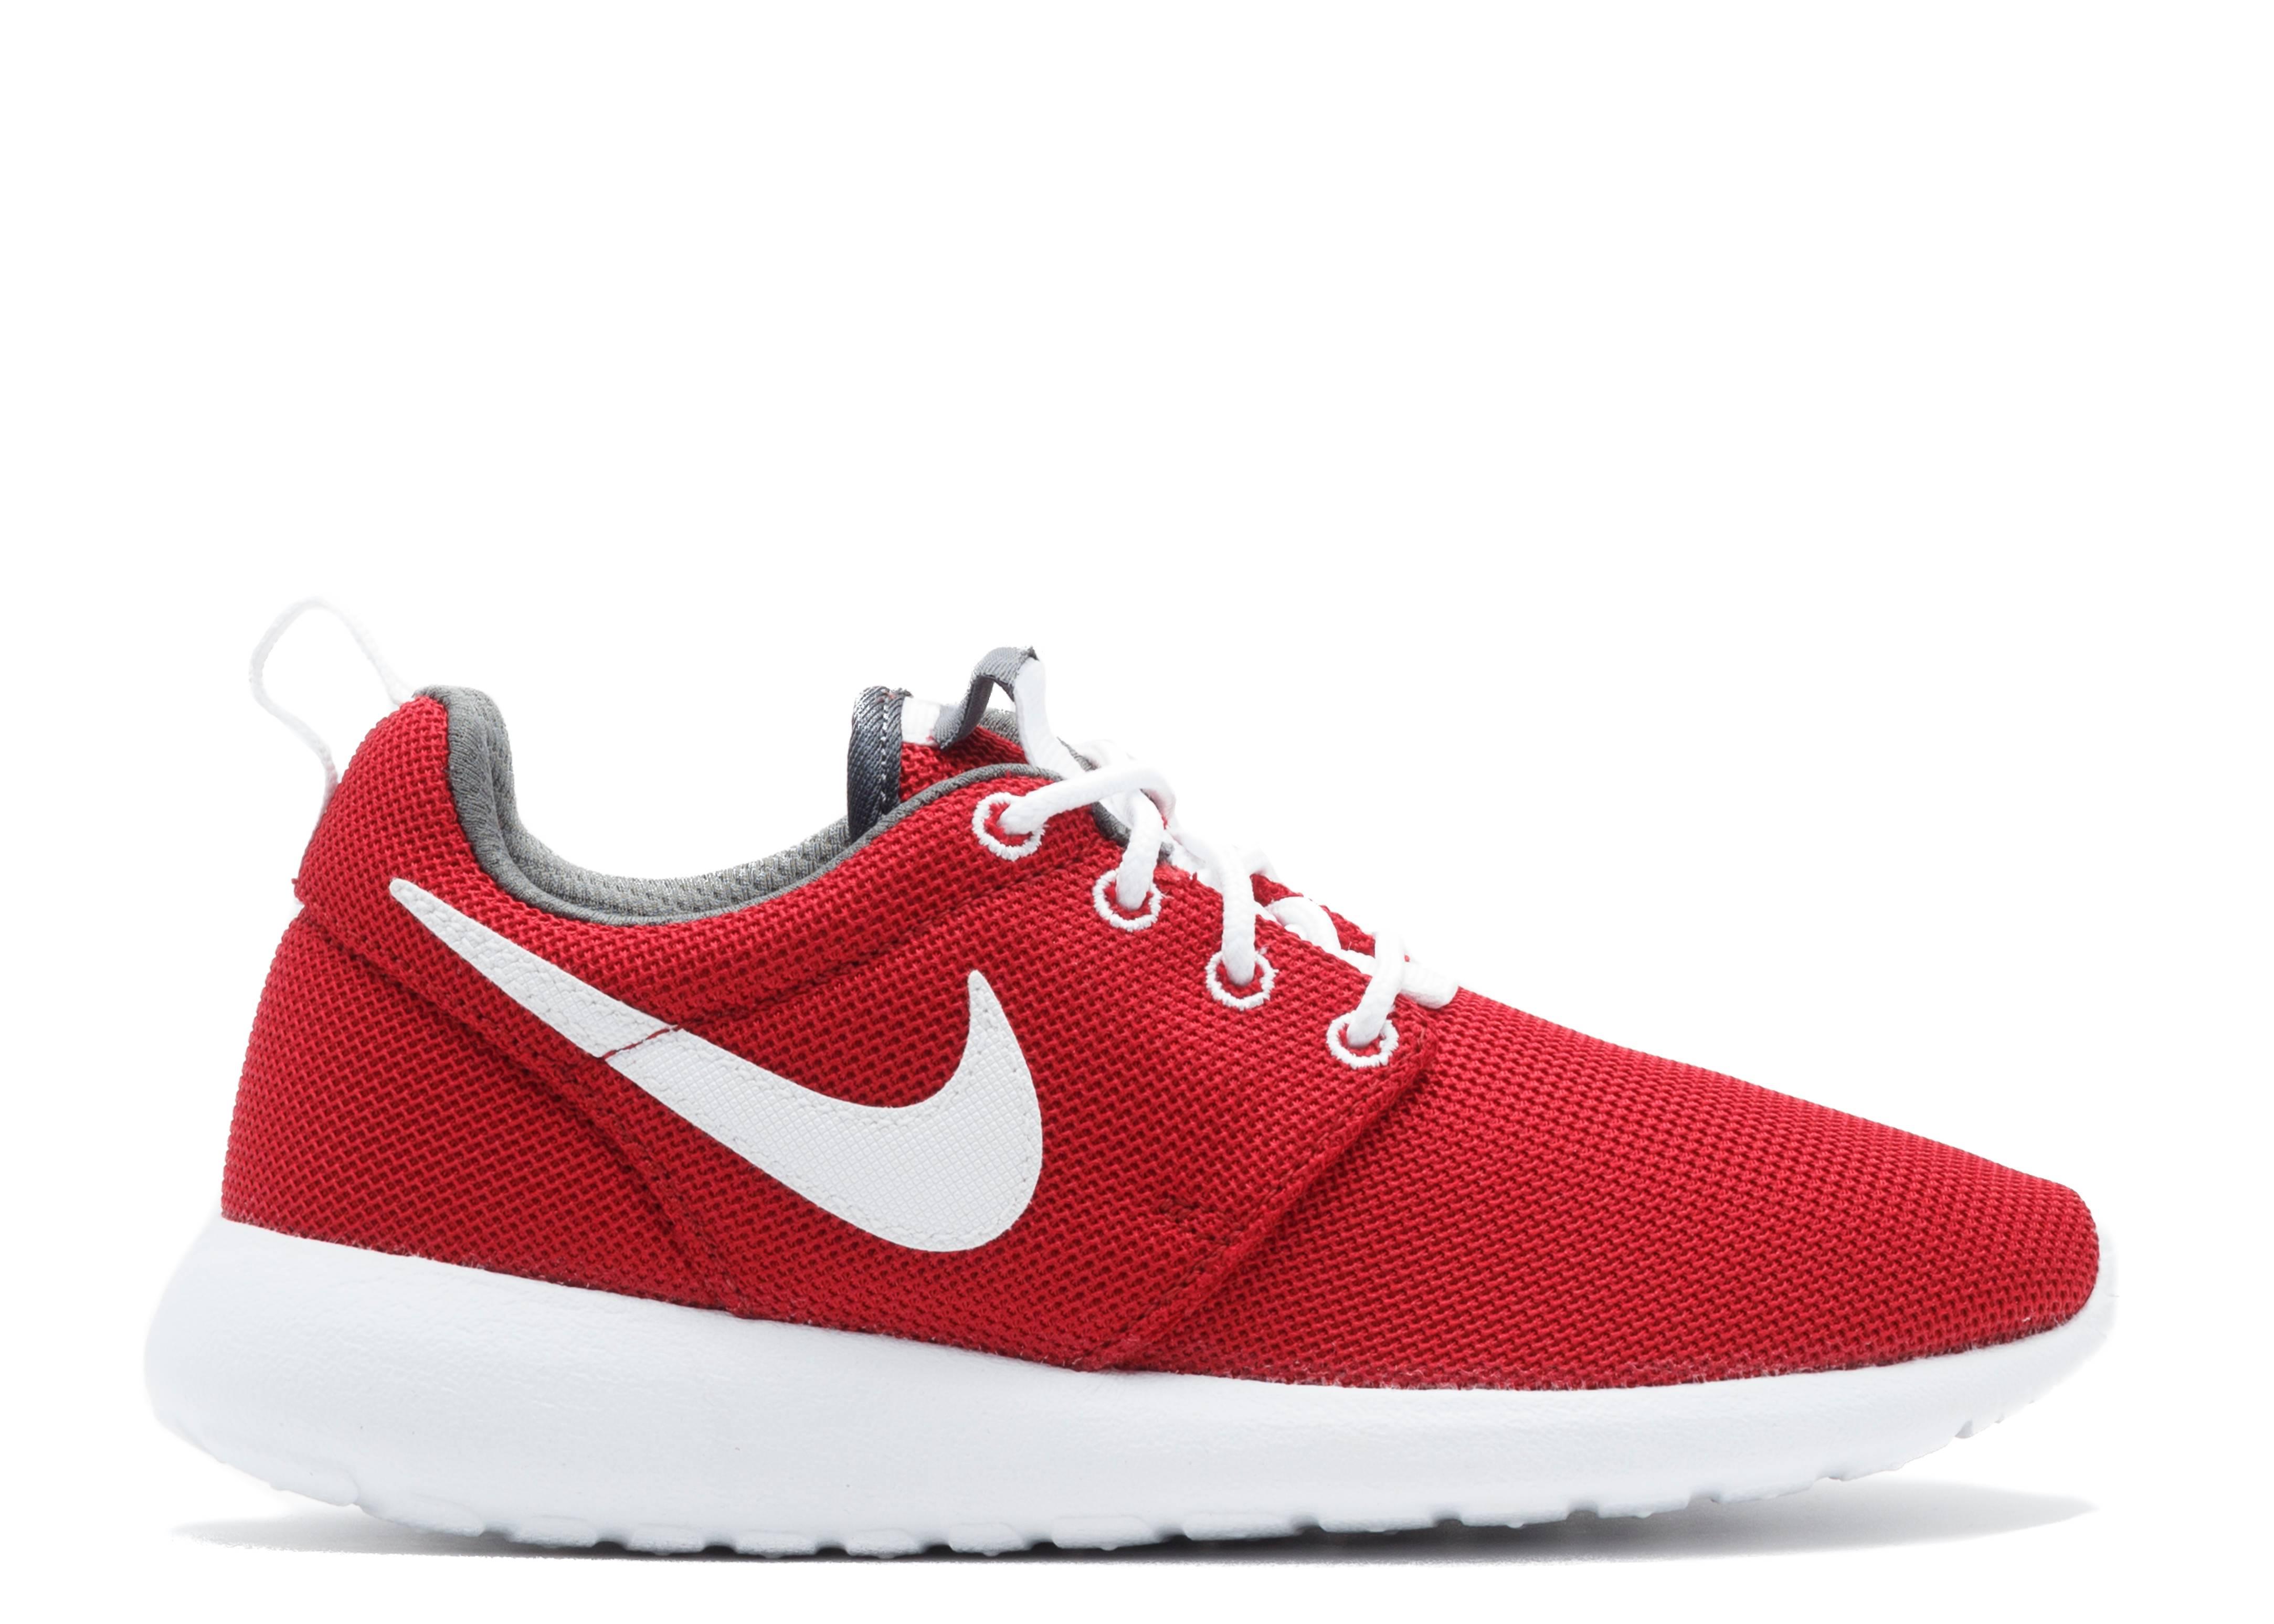 Nike Roshe Run Uomo 2015